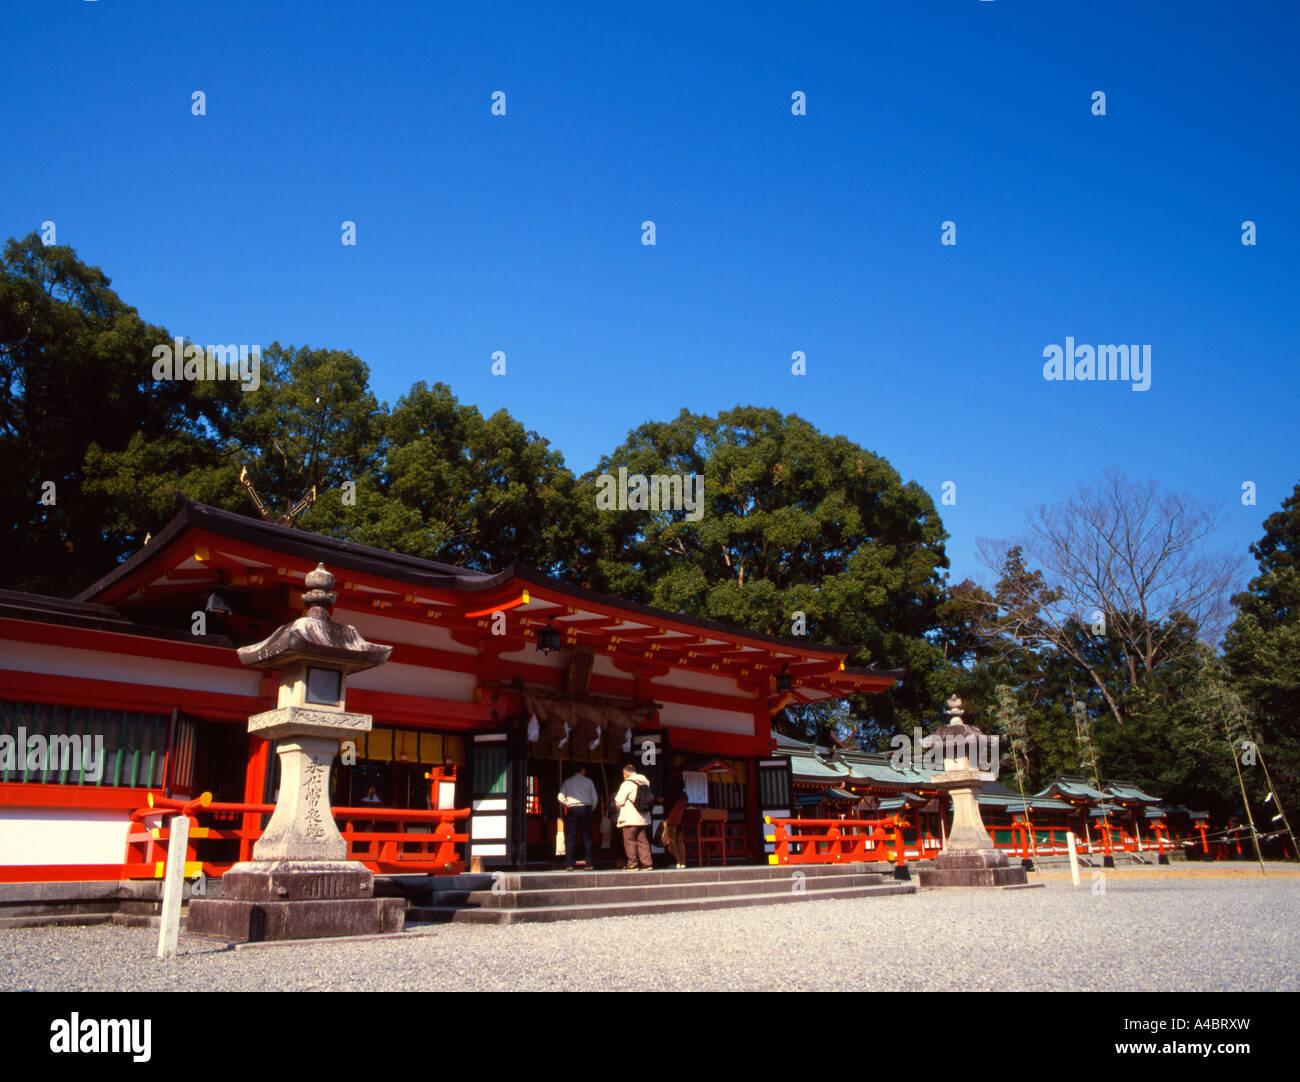 Kumano Hayatama Taisha, Shrine, World Heritage Site, Shingu City, Wakayama Prefecture, Japan Stock Photo